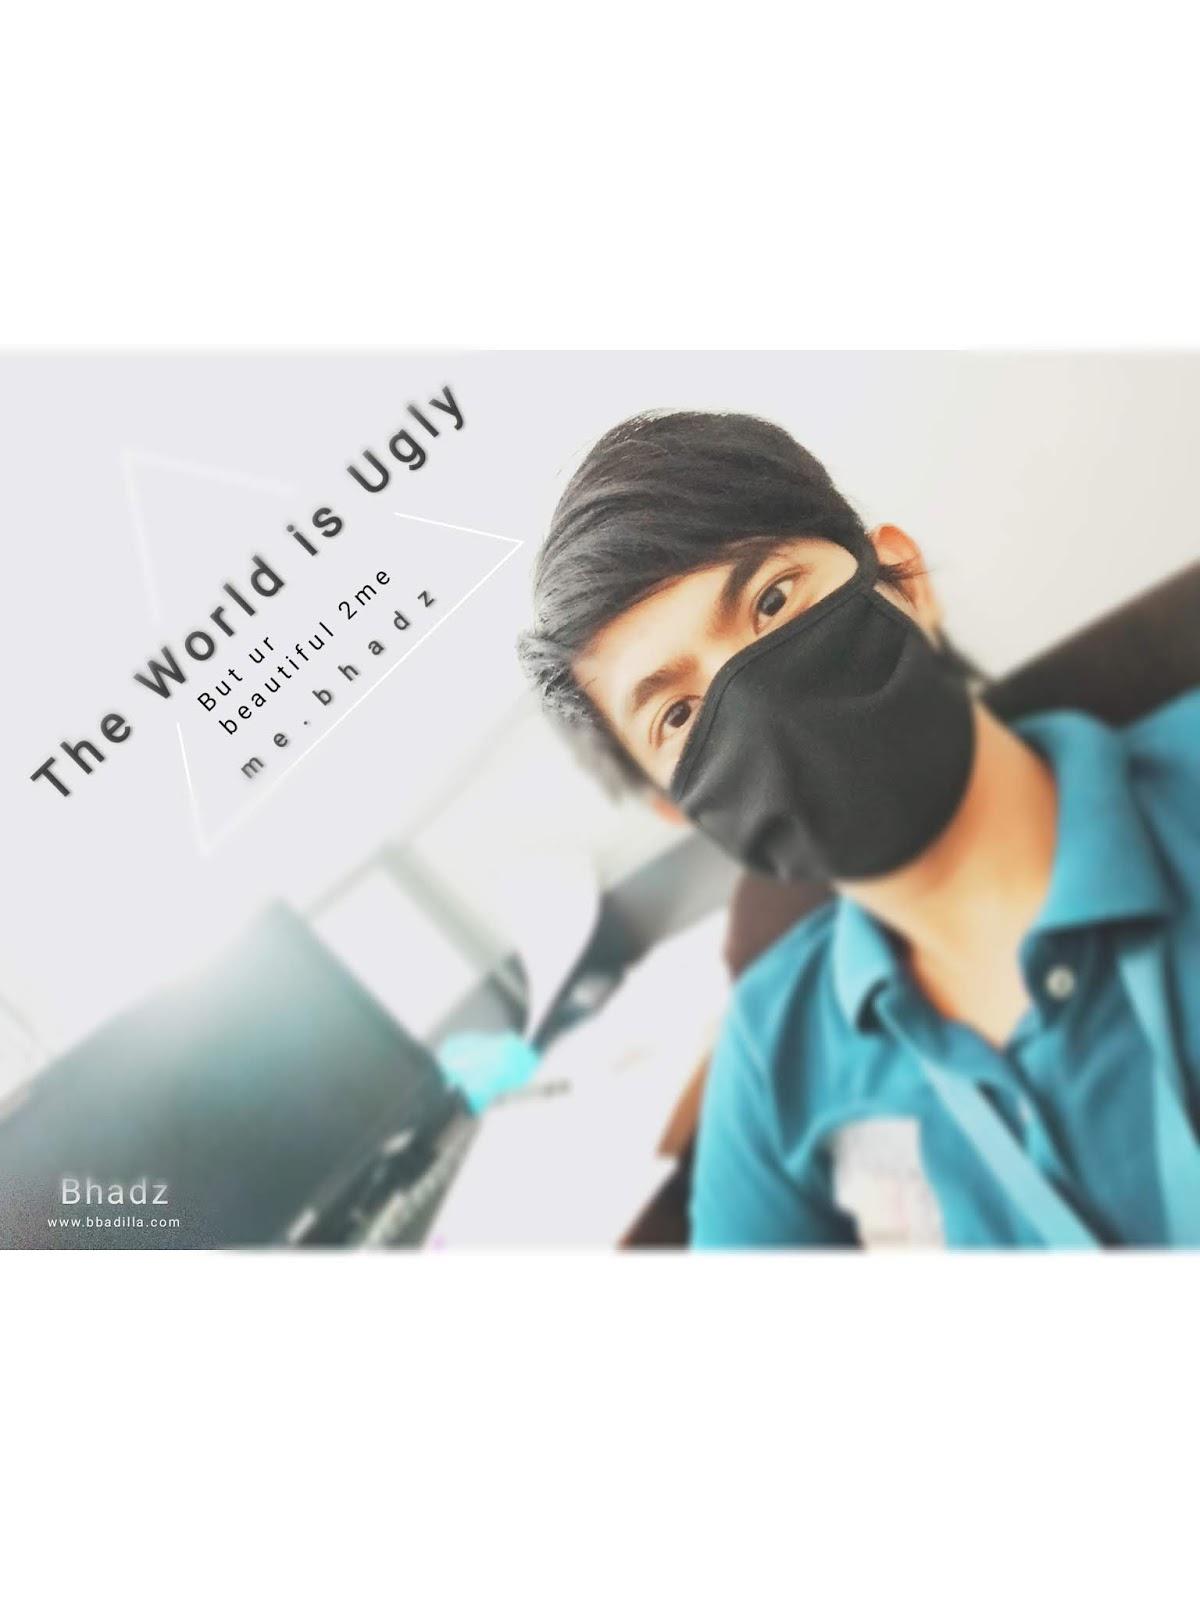 Bhadz - www.bbadilla.com